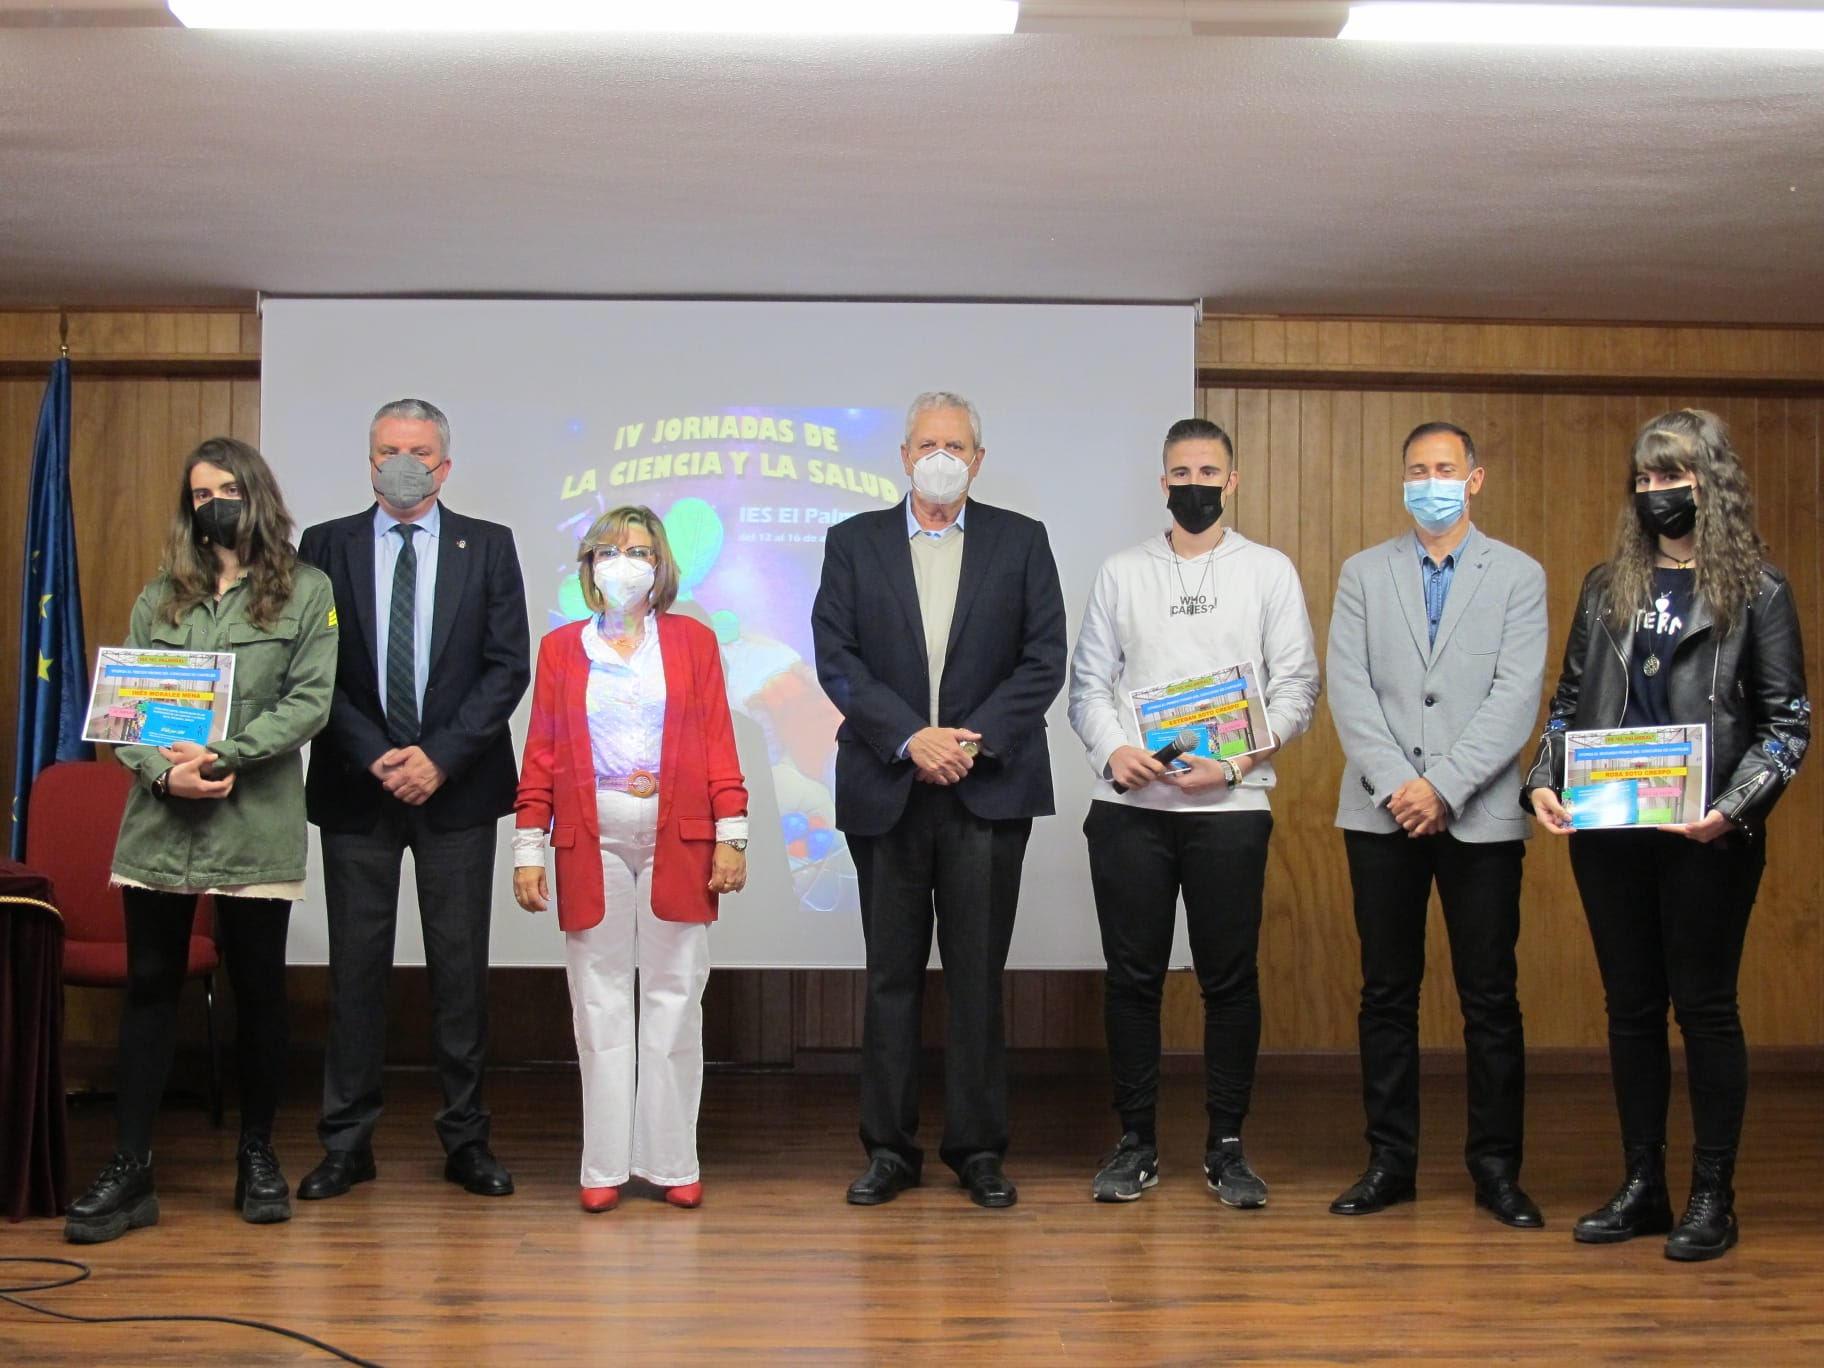 El IES El Palmeral de Vera presenta sus IV Jornadas de la Ciencia y la Salud bajo el lema 'Más salud, más Palmeral'